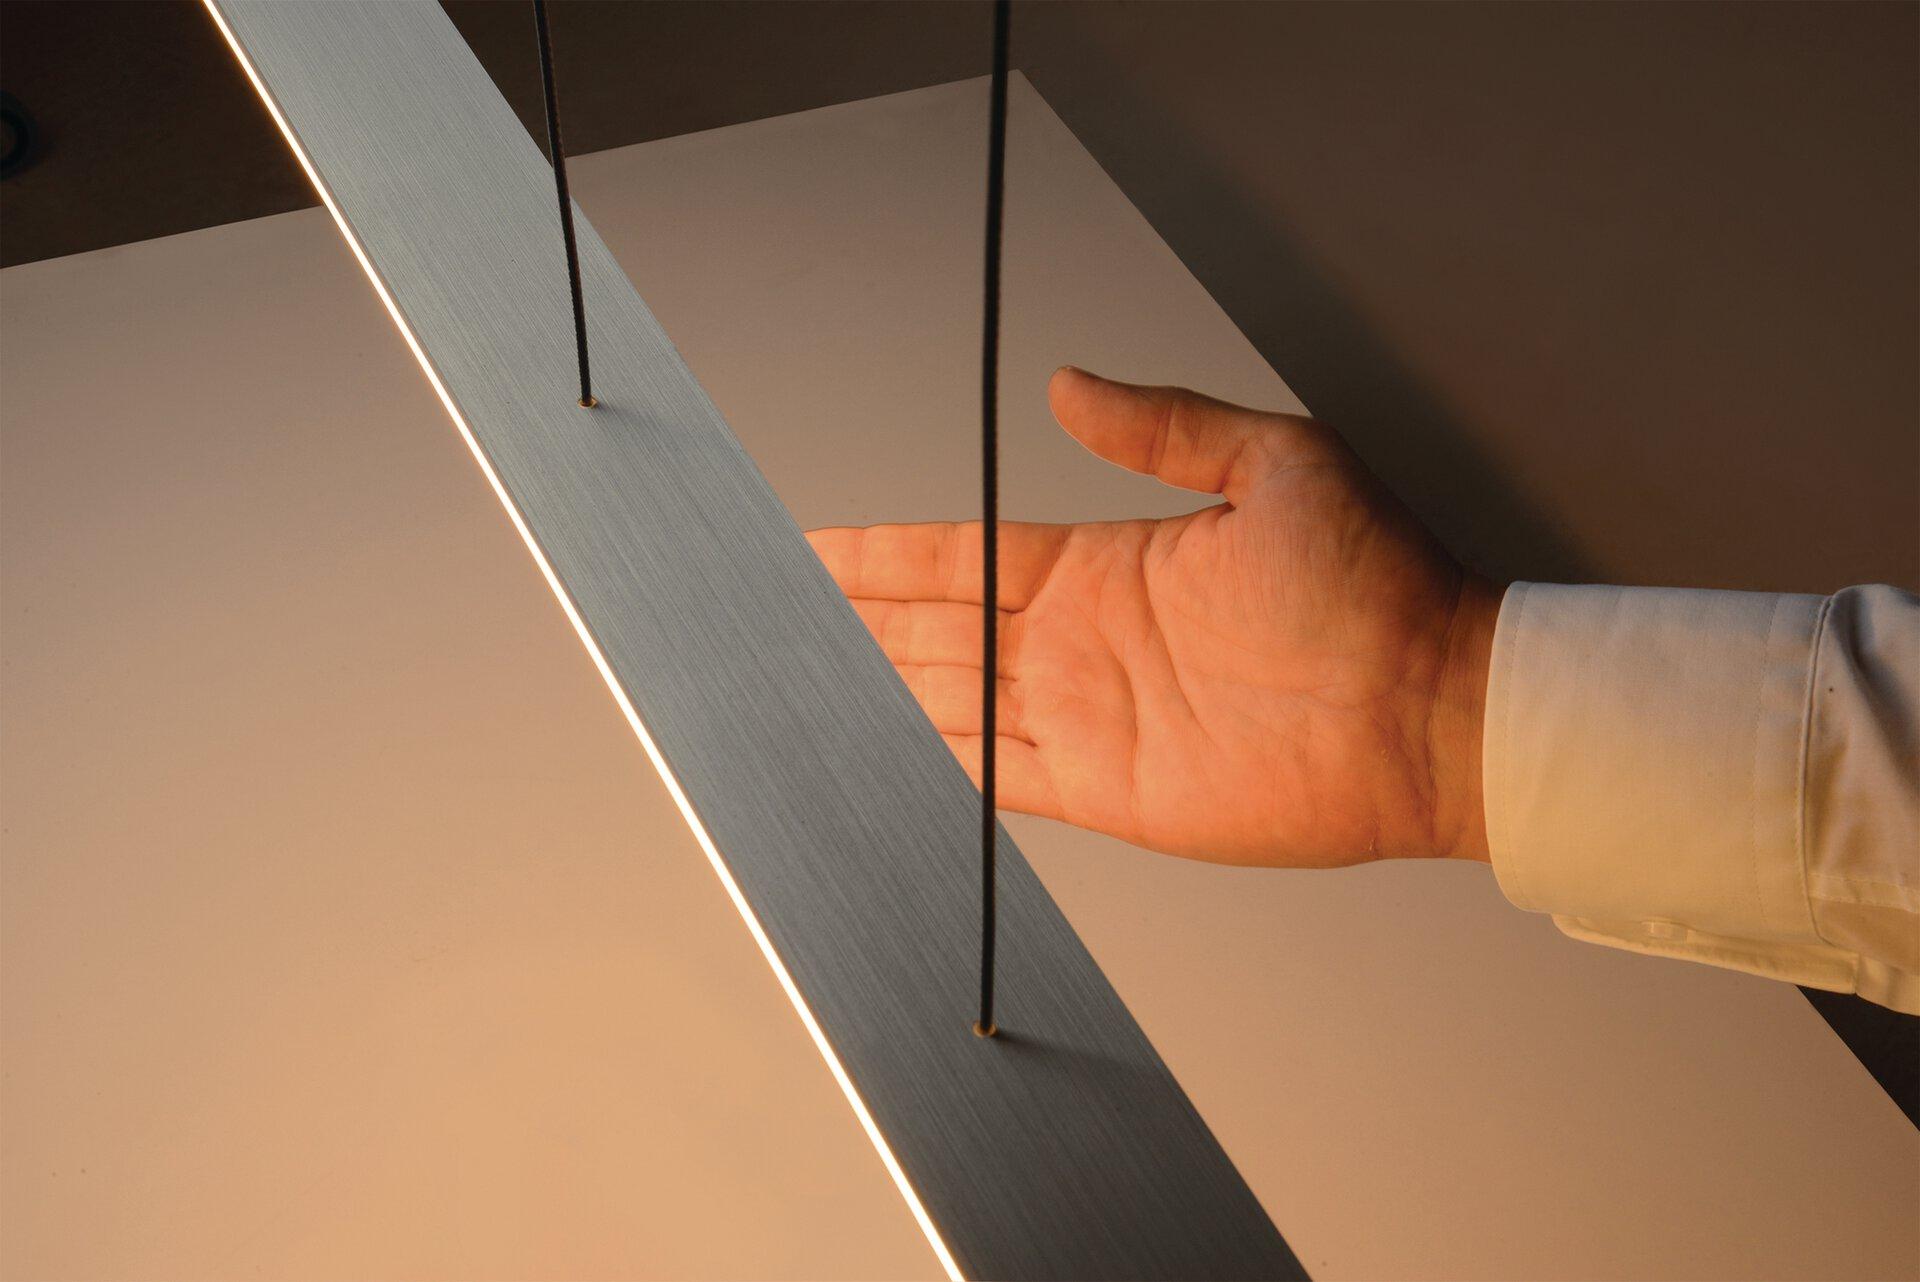 Hängeleuchte DO Bopp Metall 140 x 120 cm